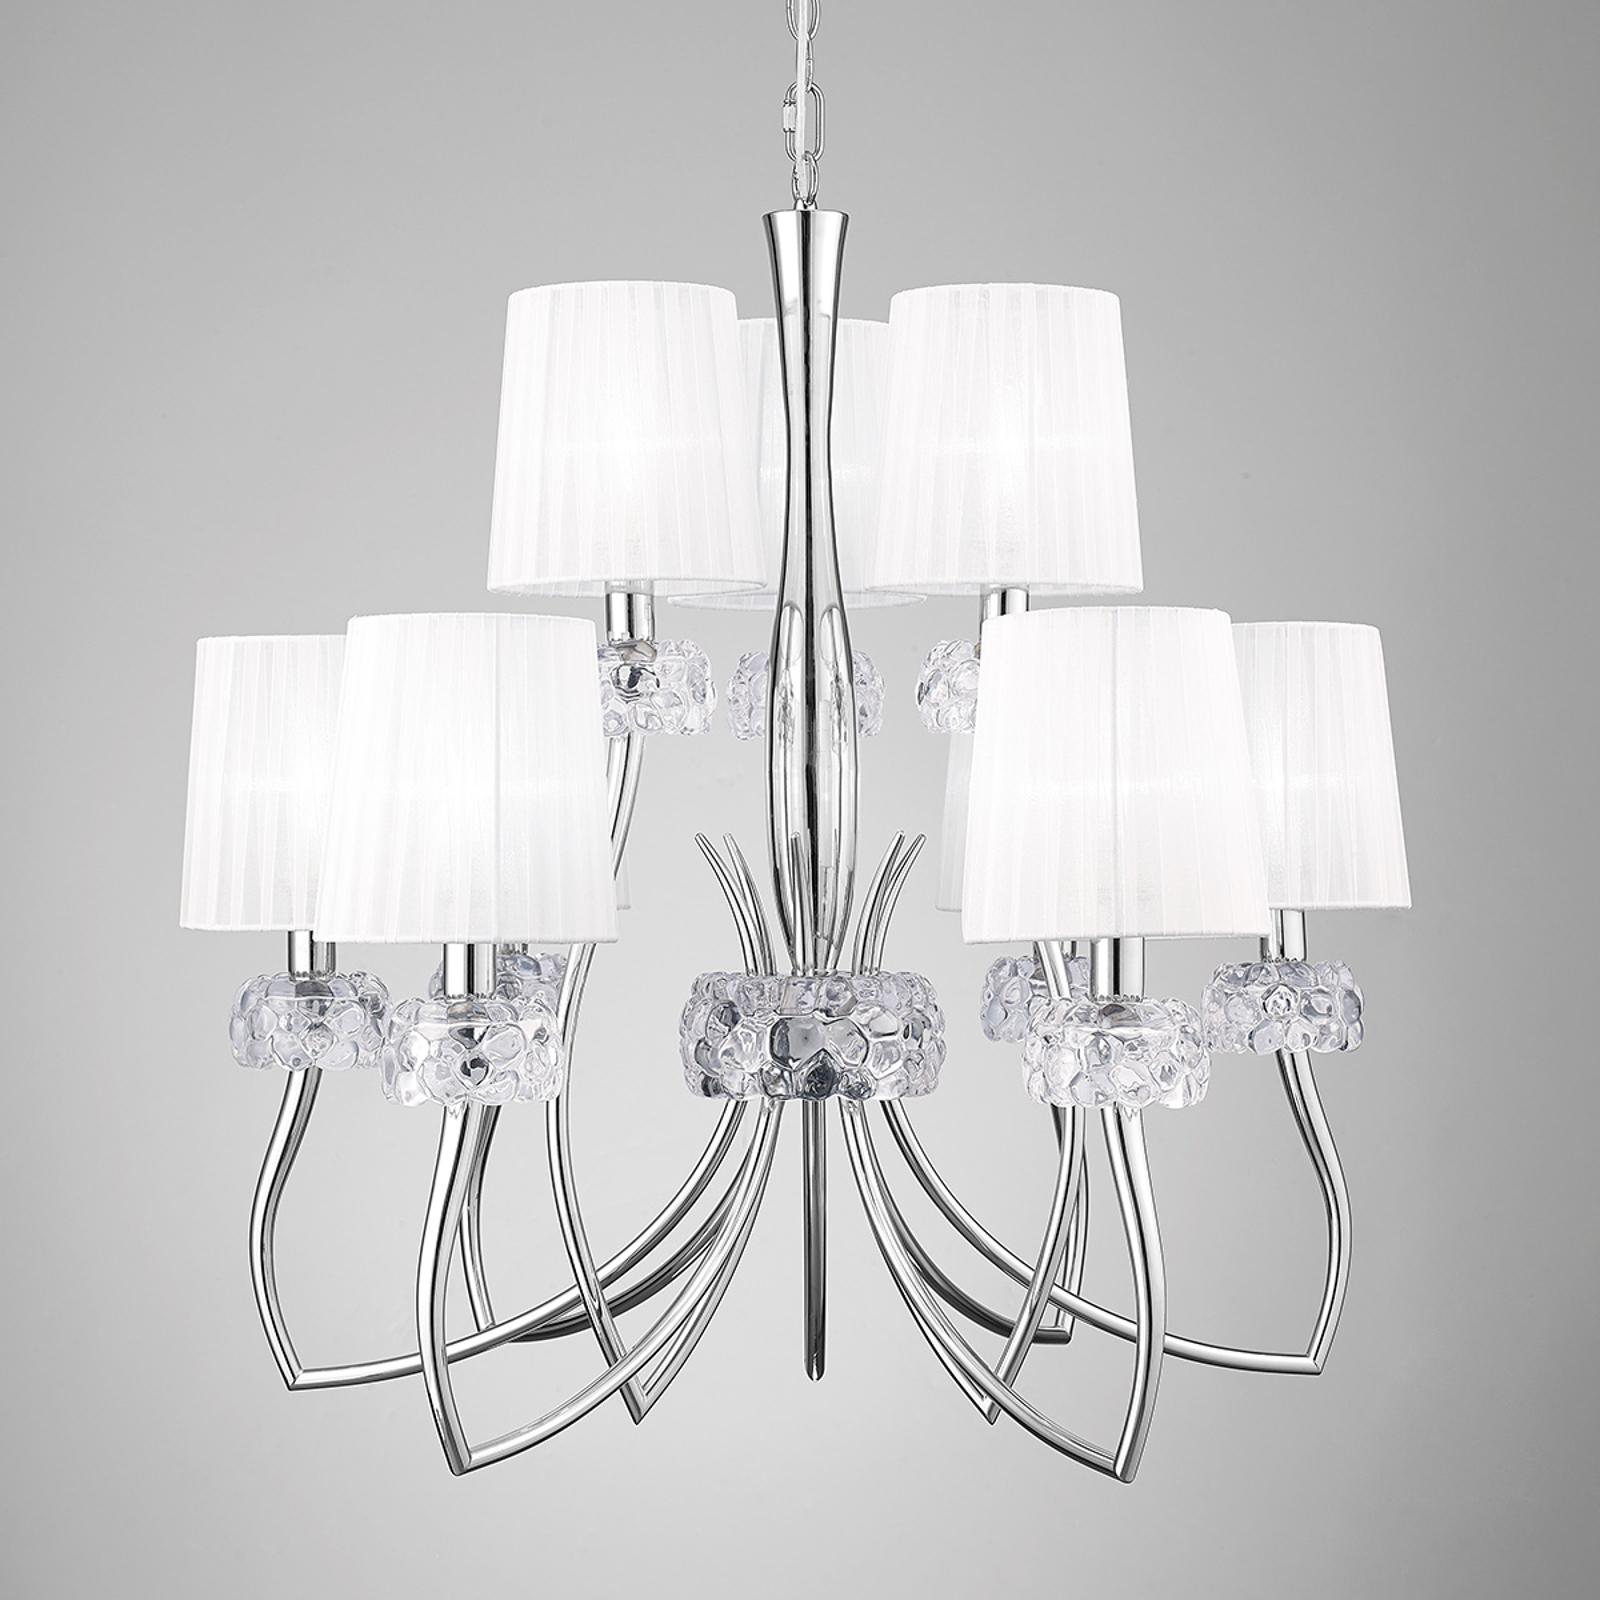 Élégant lustre textile Lara à 9 lampes